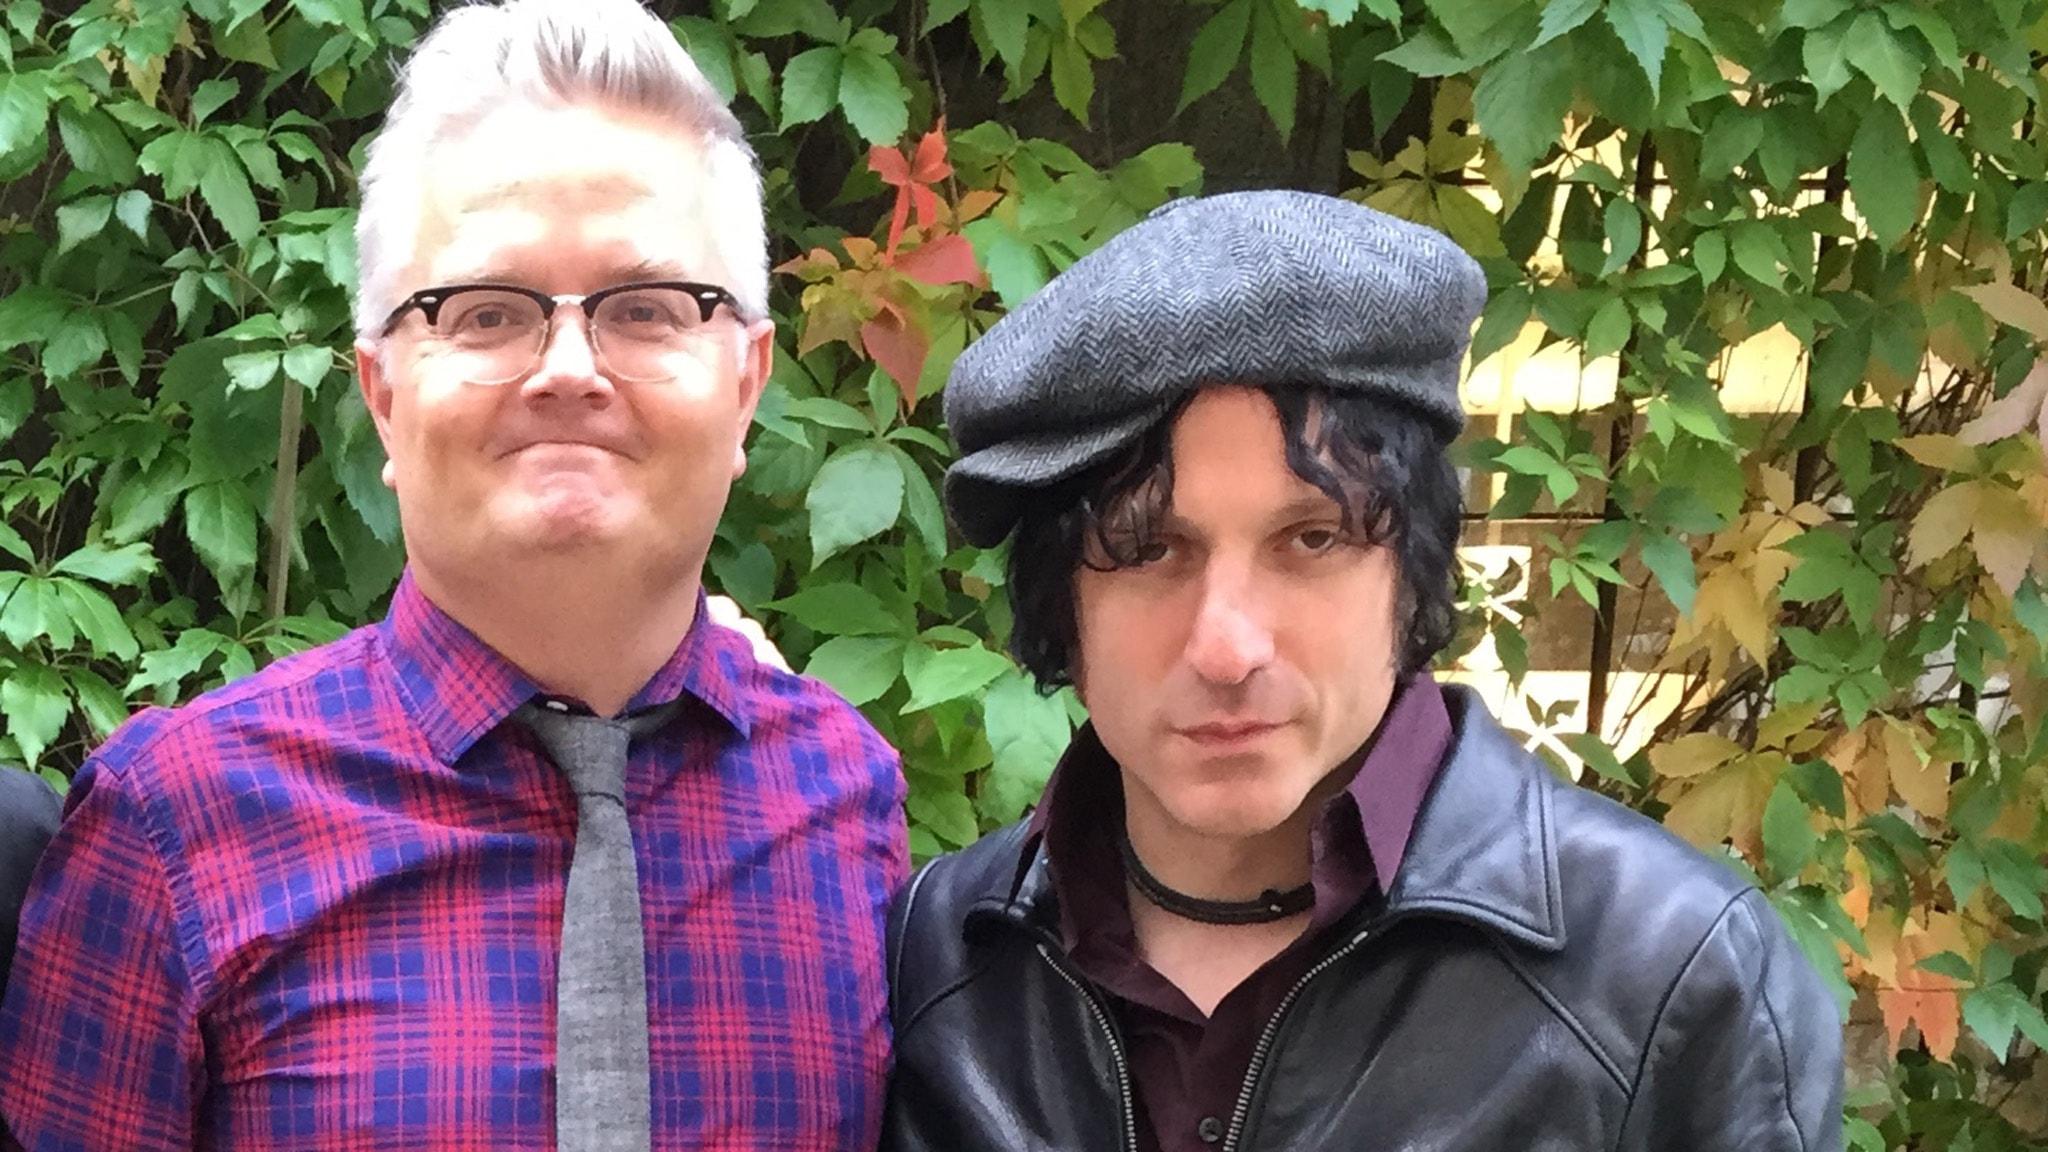 Jan Gradvall och Jesse Malin. Foto: Lovisa Ohlson/SR.